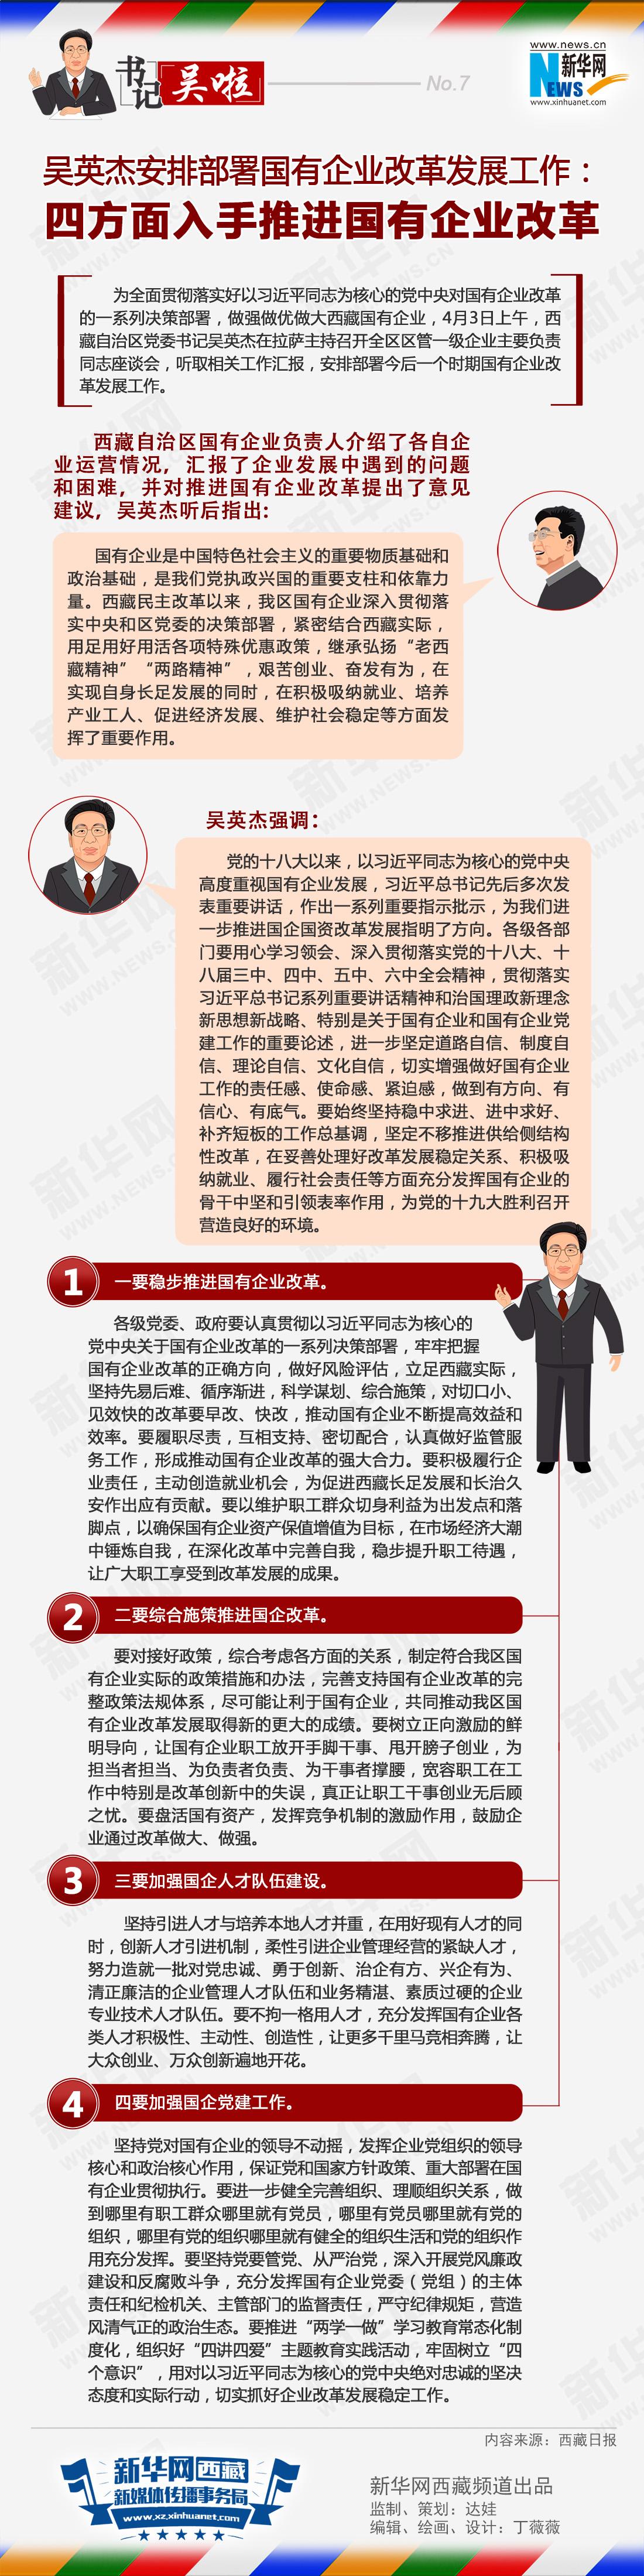 数据新闻:《书记吴啦》之四方面入手推进国有企业改革